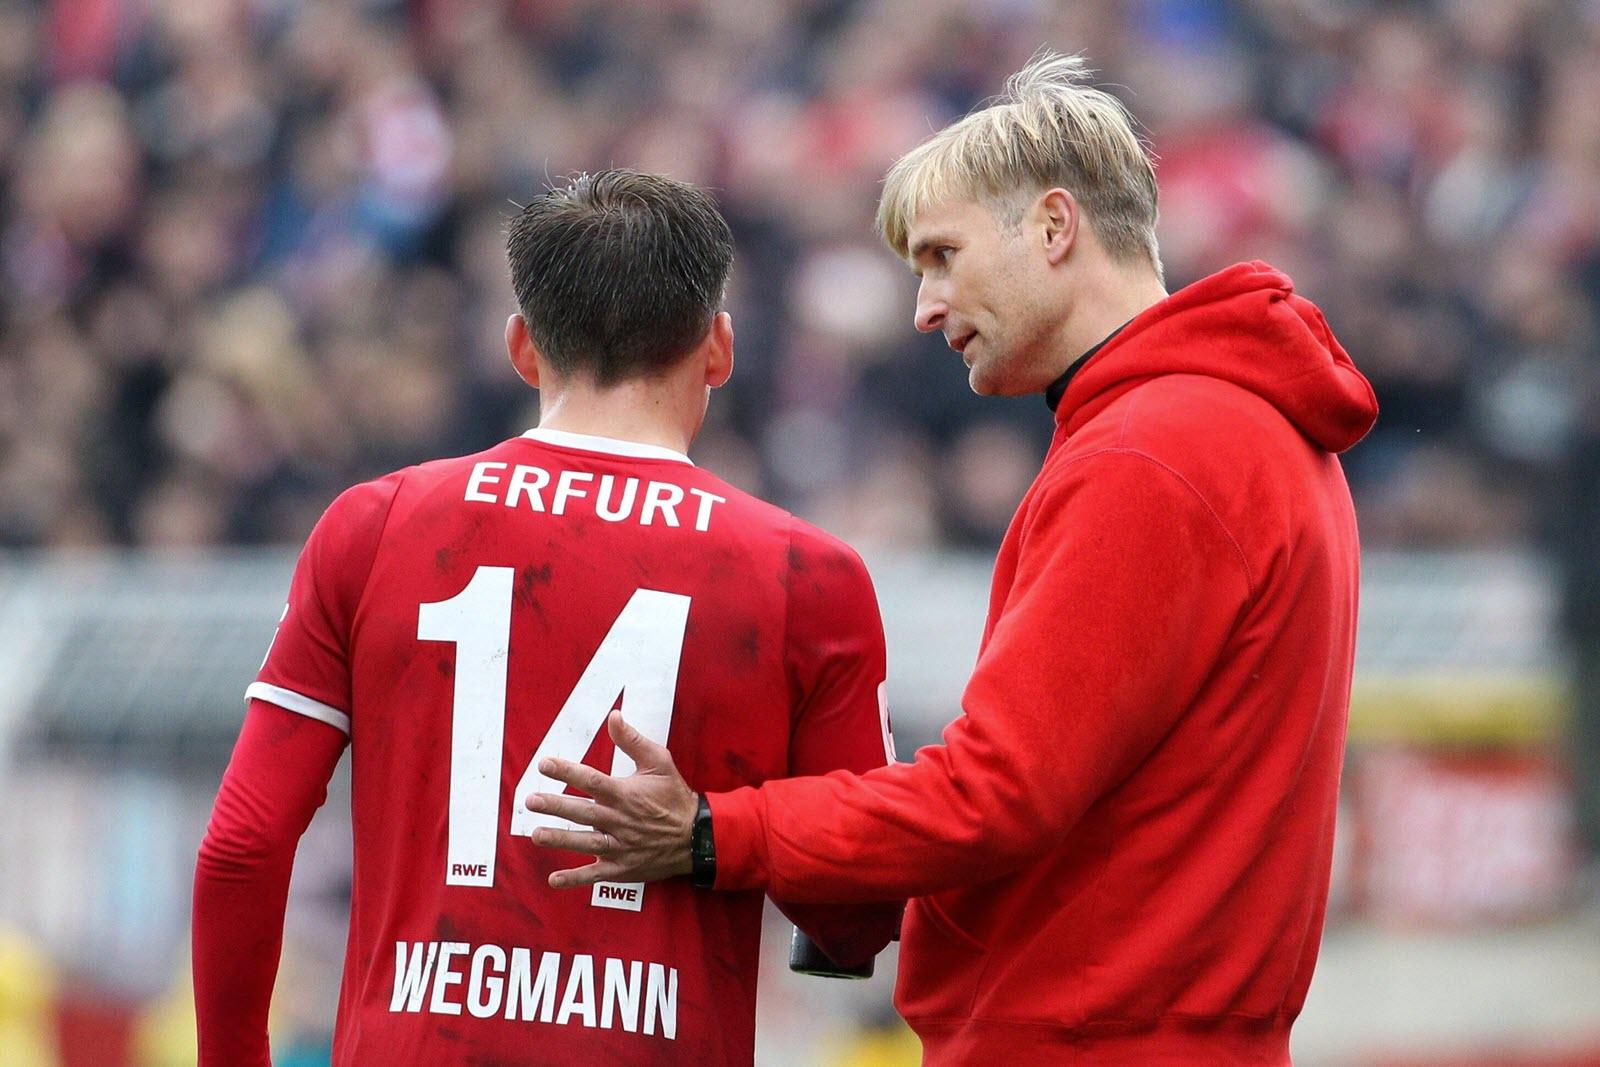 David Bergner mit Marius Wegmann